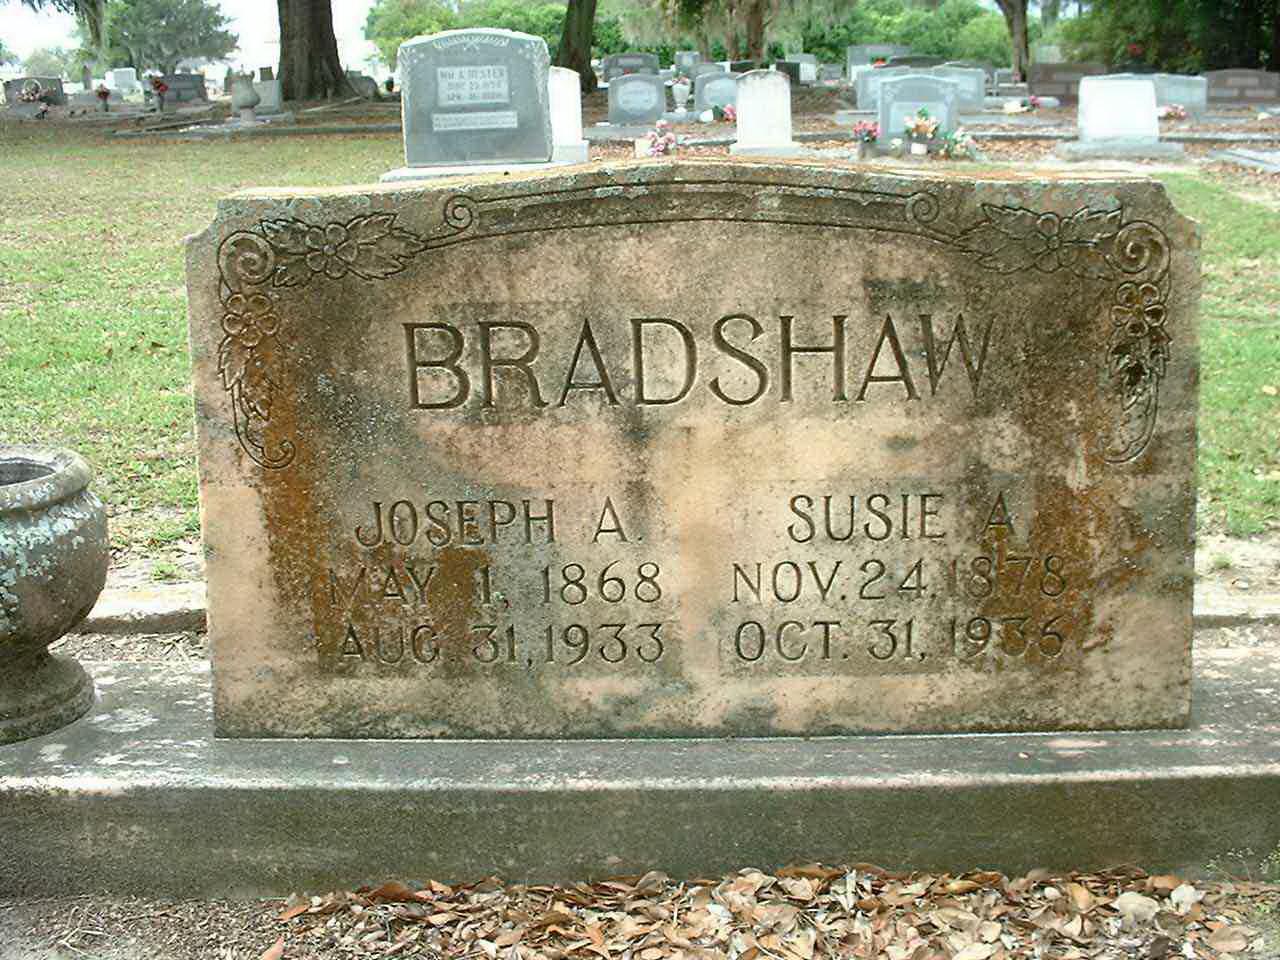 Joseph A Bradshaw